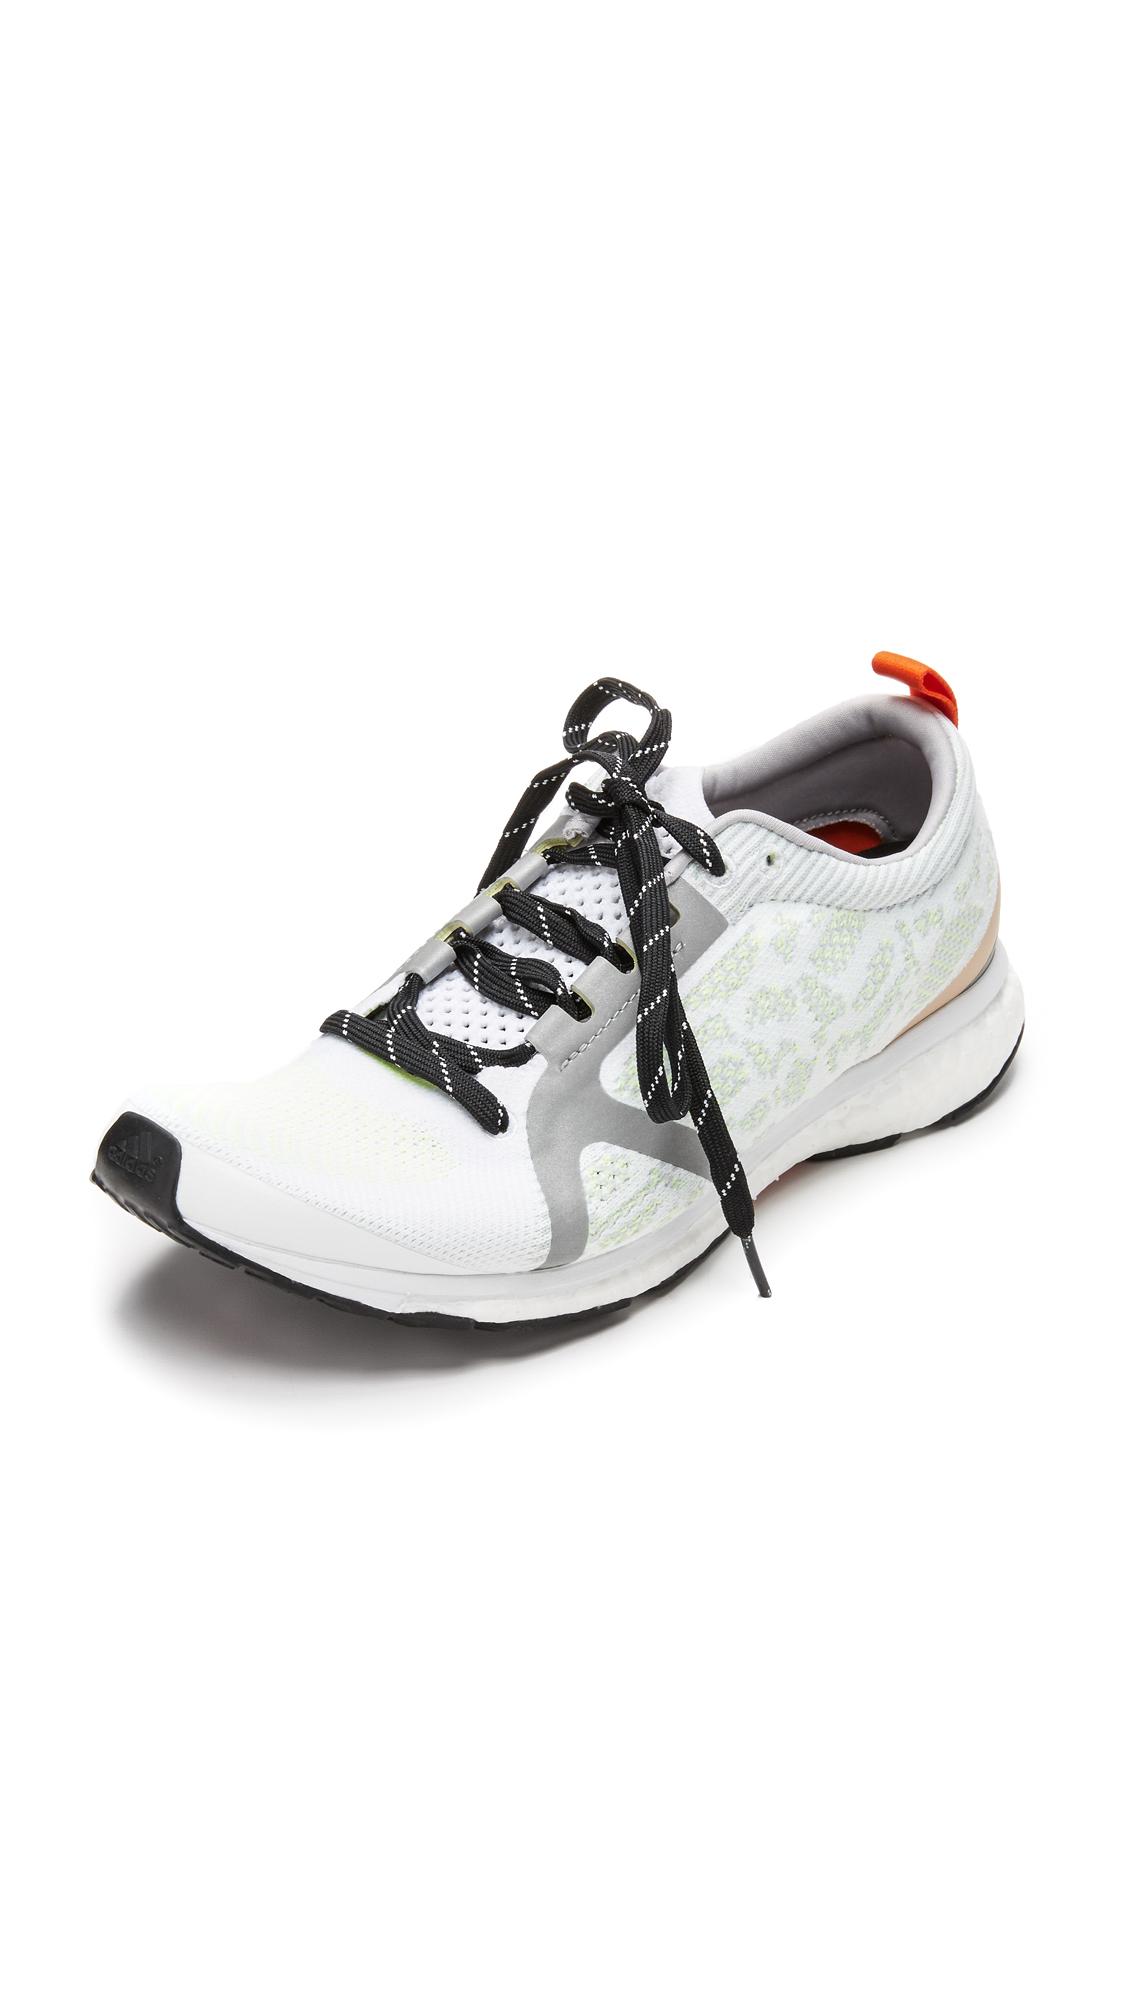 Stella SneakersShopbop Mccartney Adios Adidas By Adizero TcK1l3JF